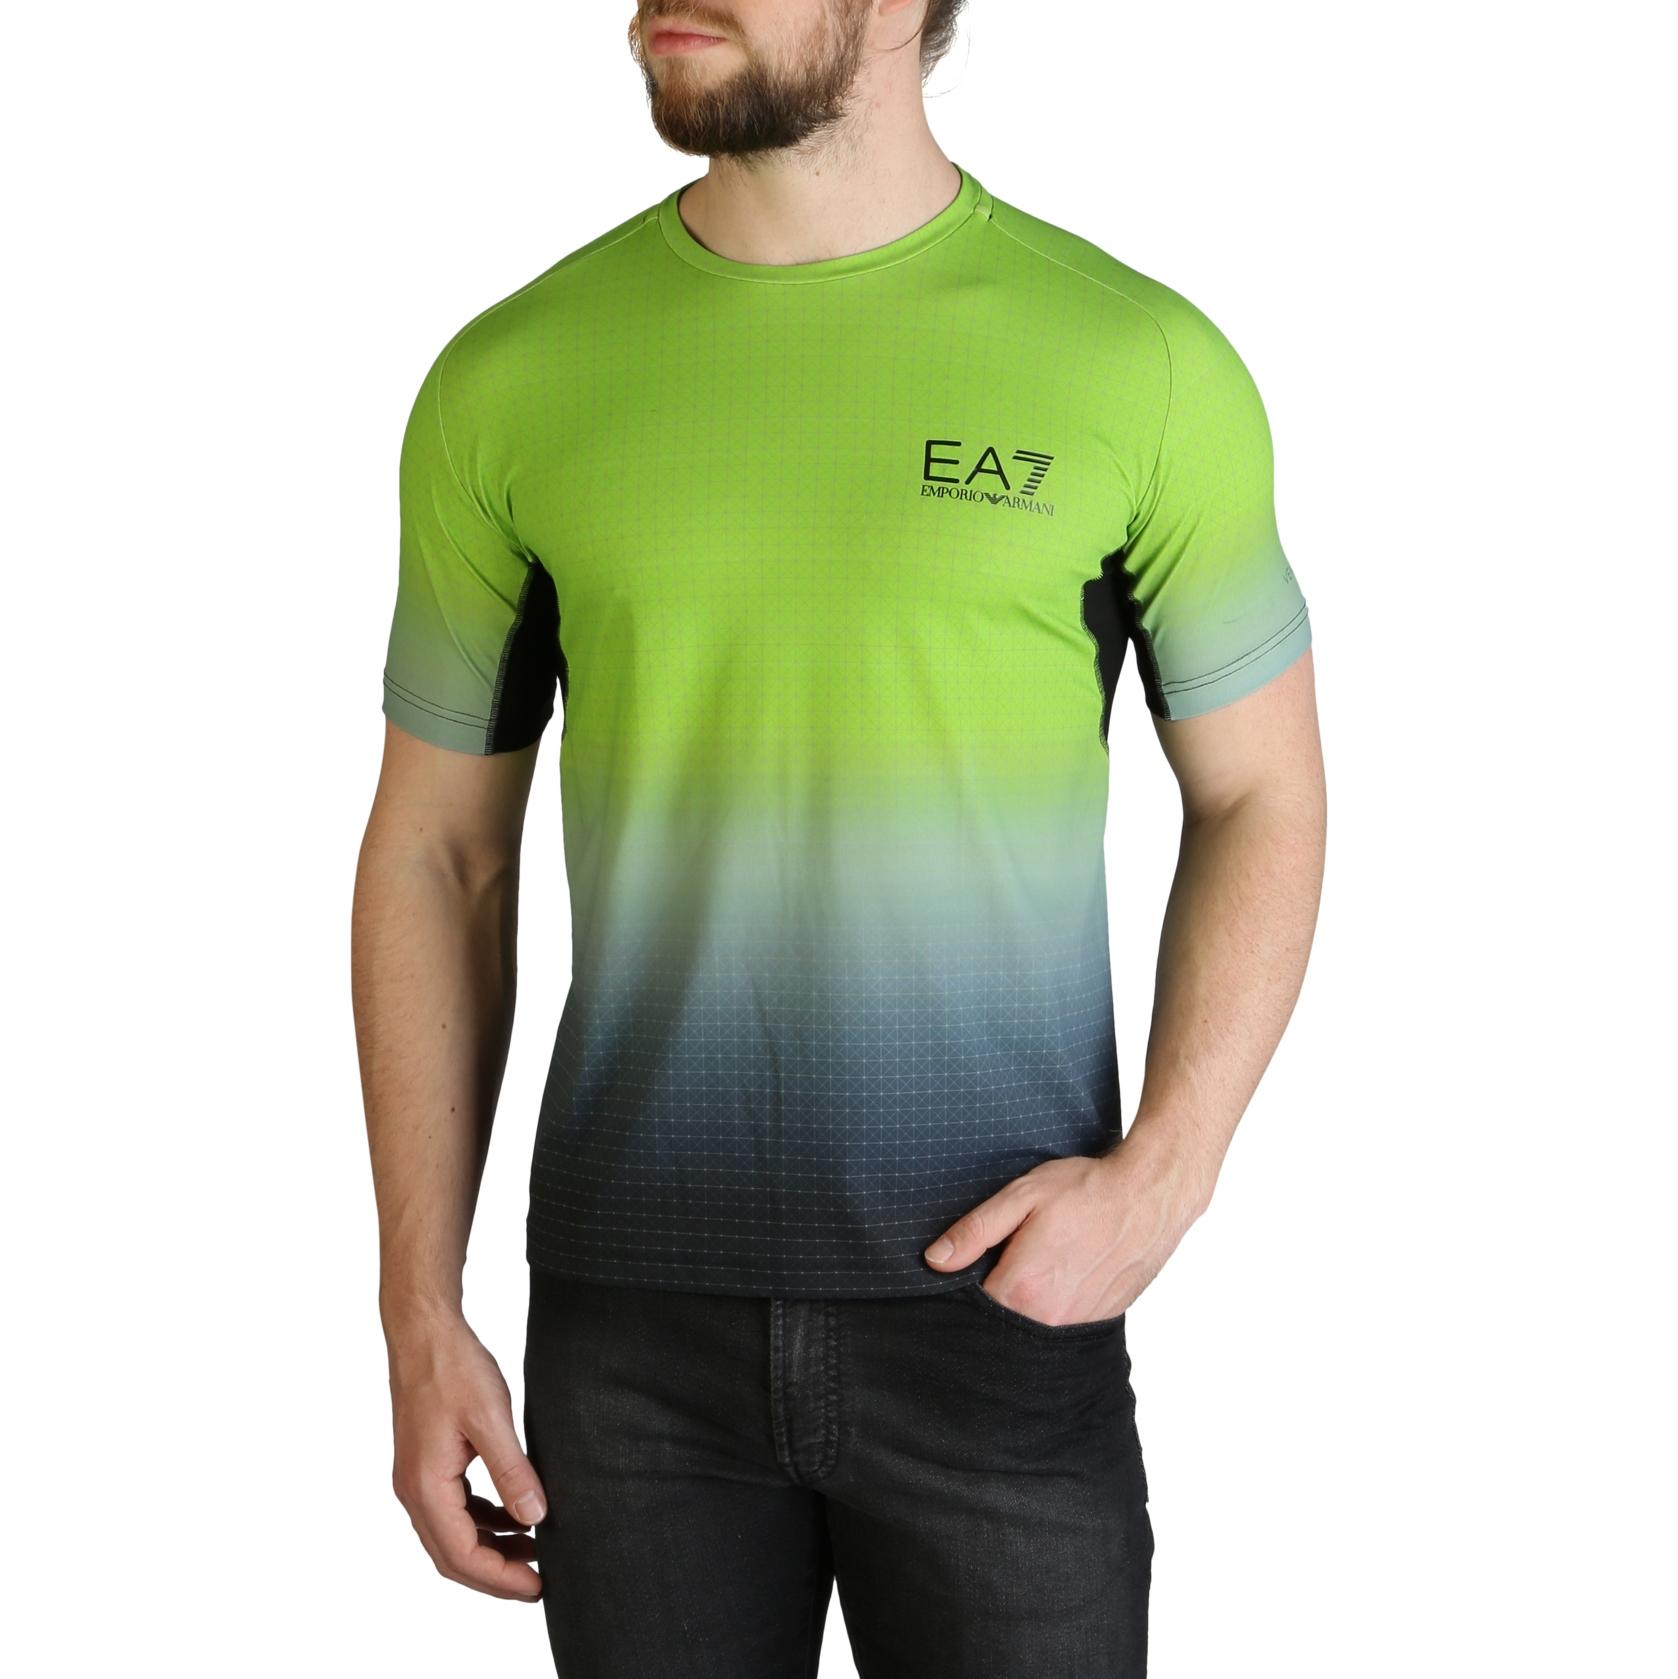 Mergi la Tricouri Ea7 3GPT93_PJ2BZ Verde